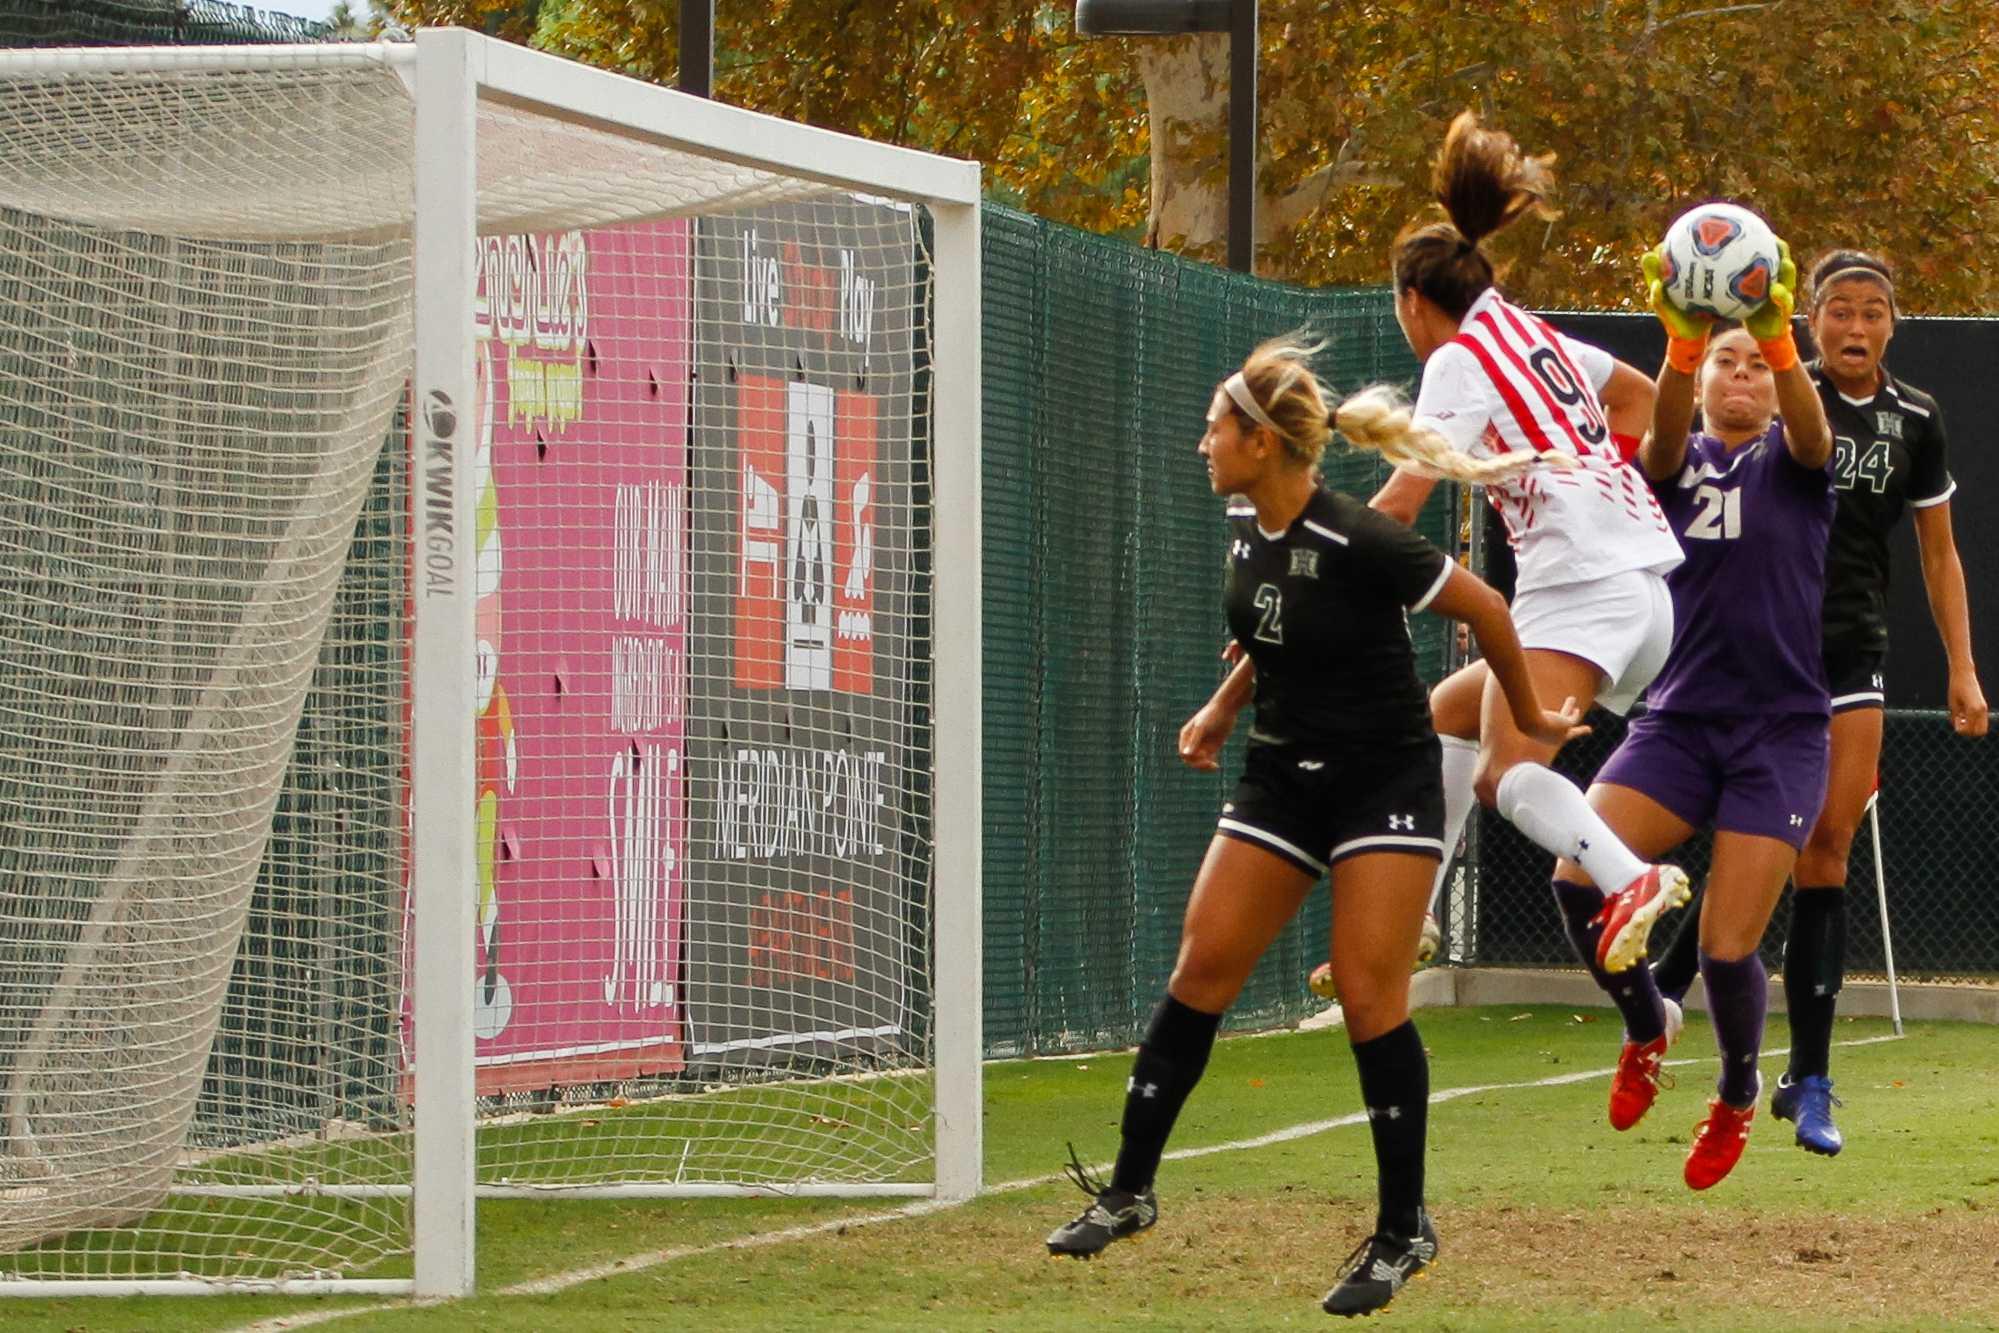 Opposing team's goalie stops csun student from scoring goal